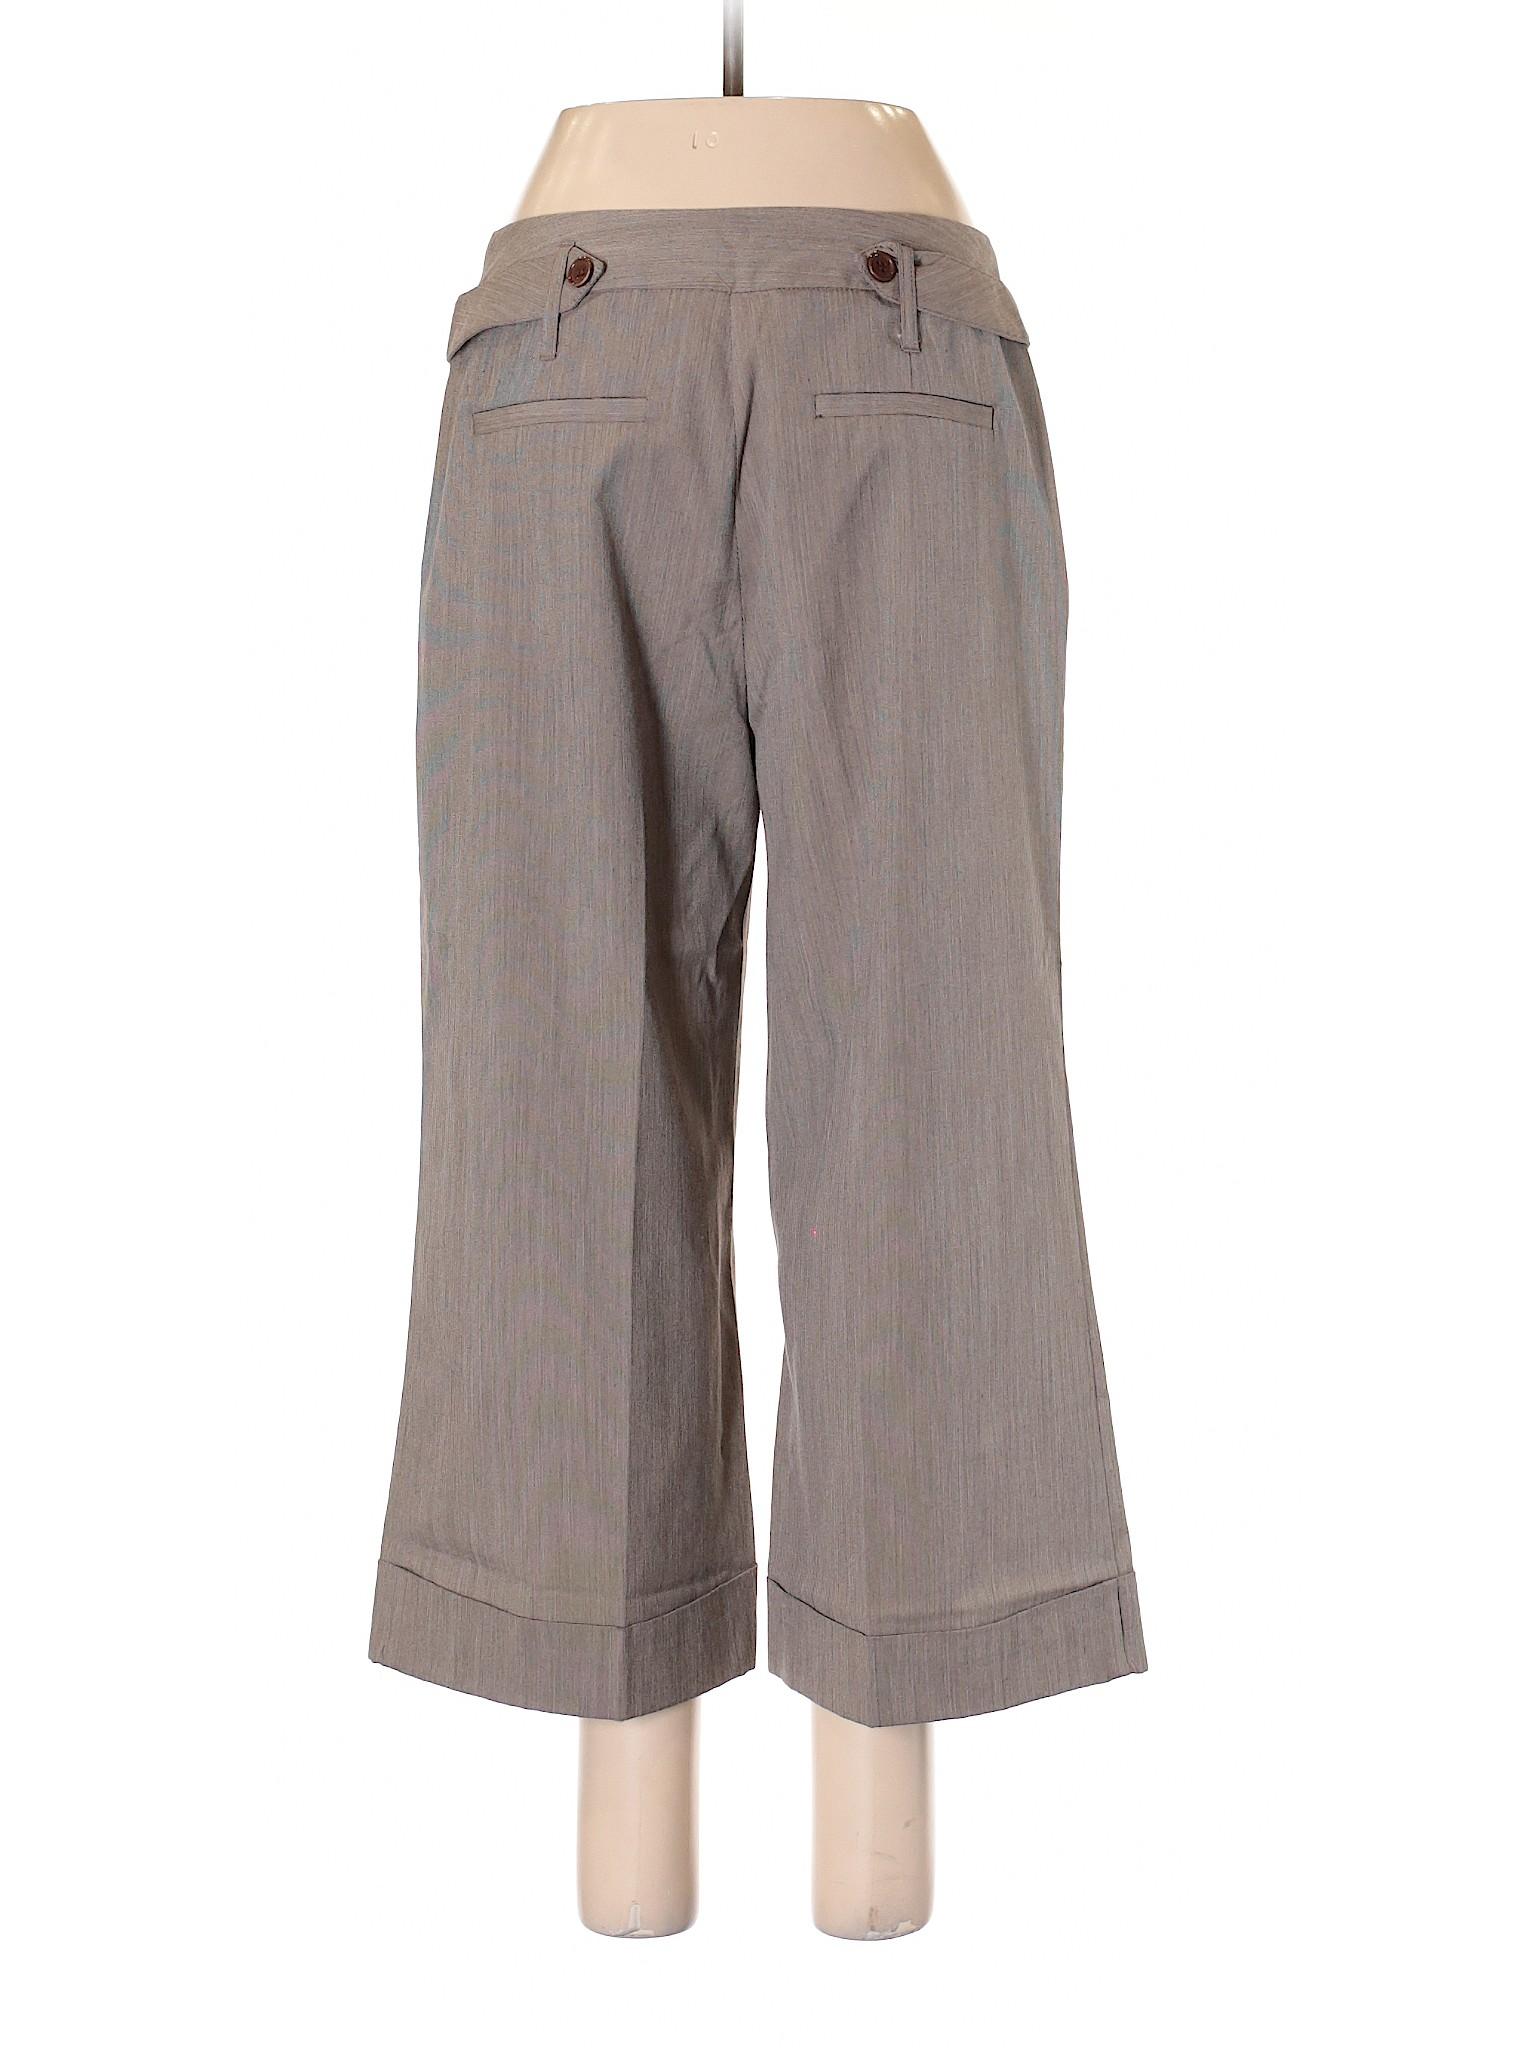 Boutique Adolfo Boutique leisure Adolfo leisure Pants Pants Dress Dress qxwnaqp4Y